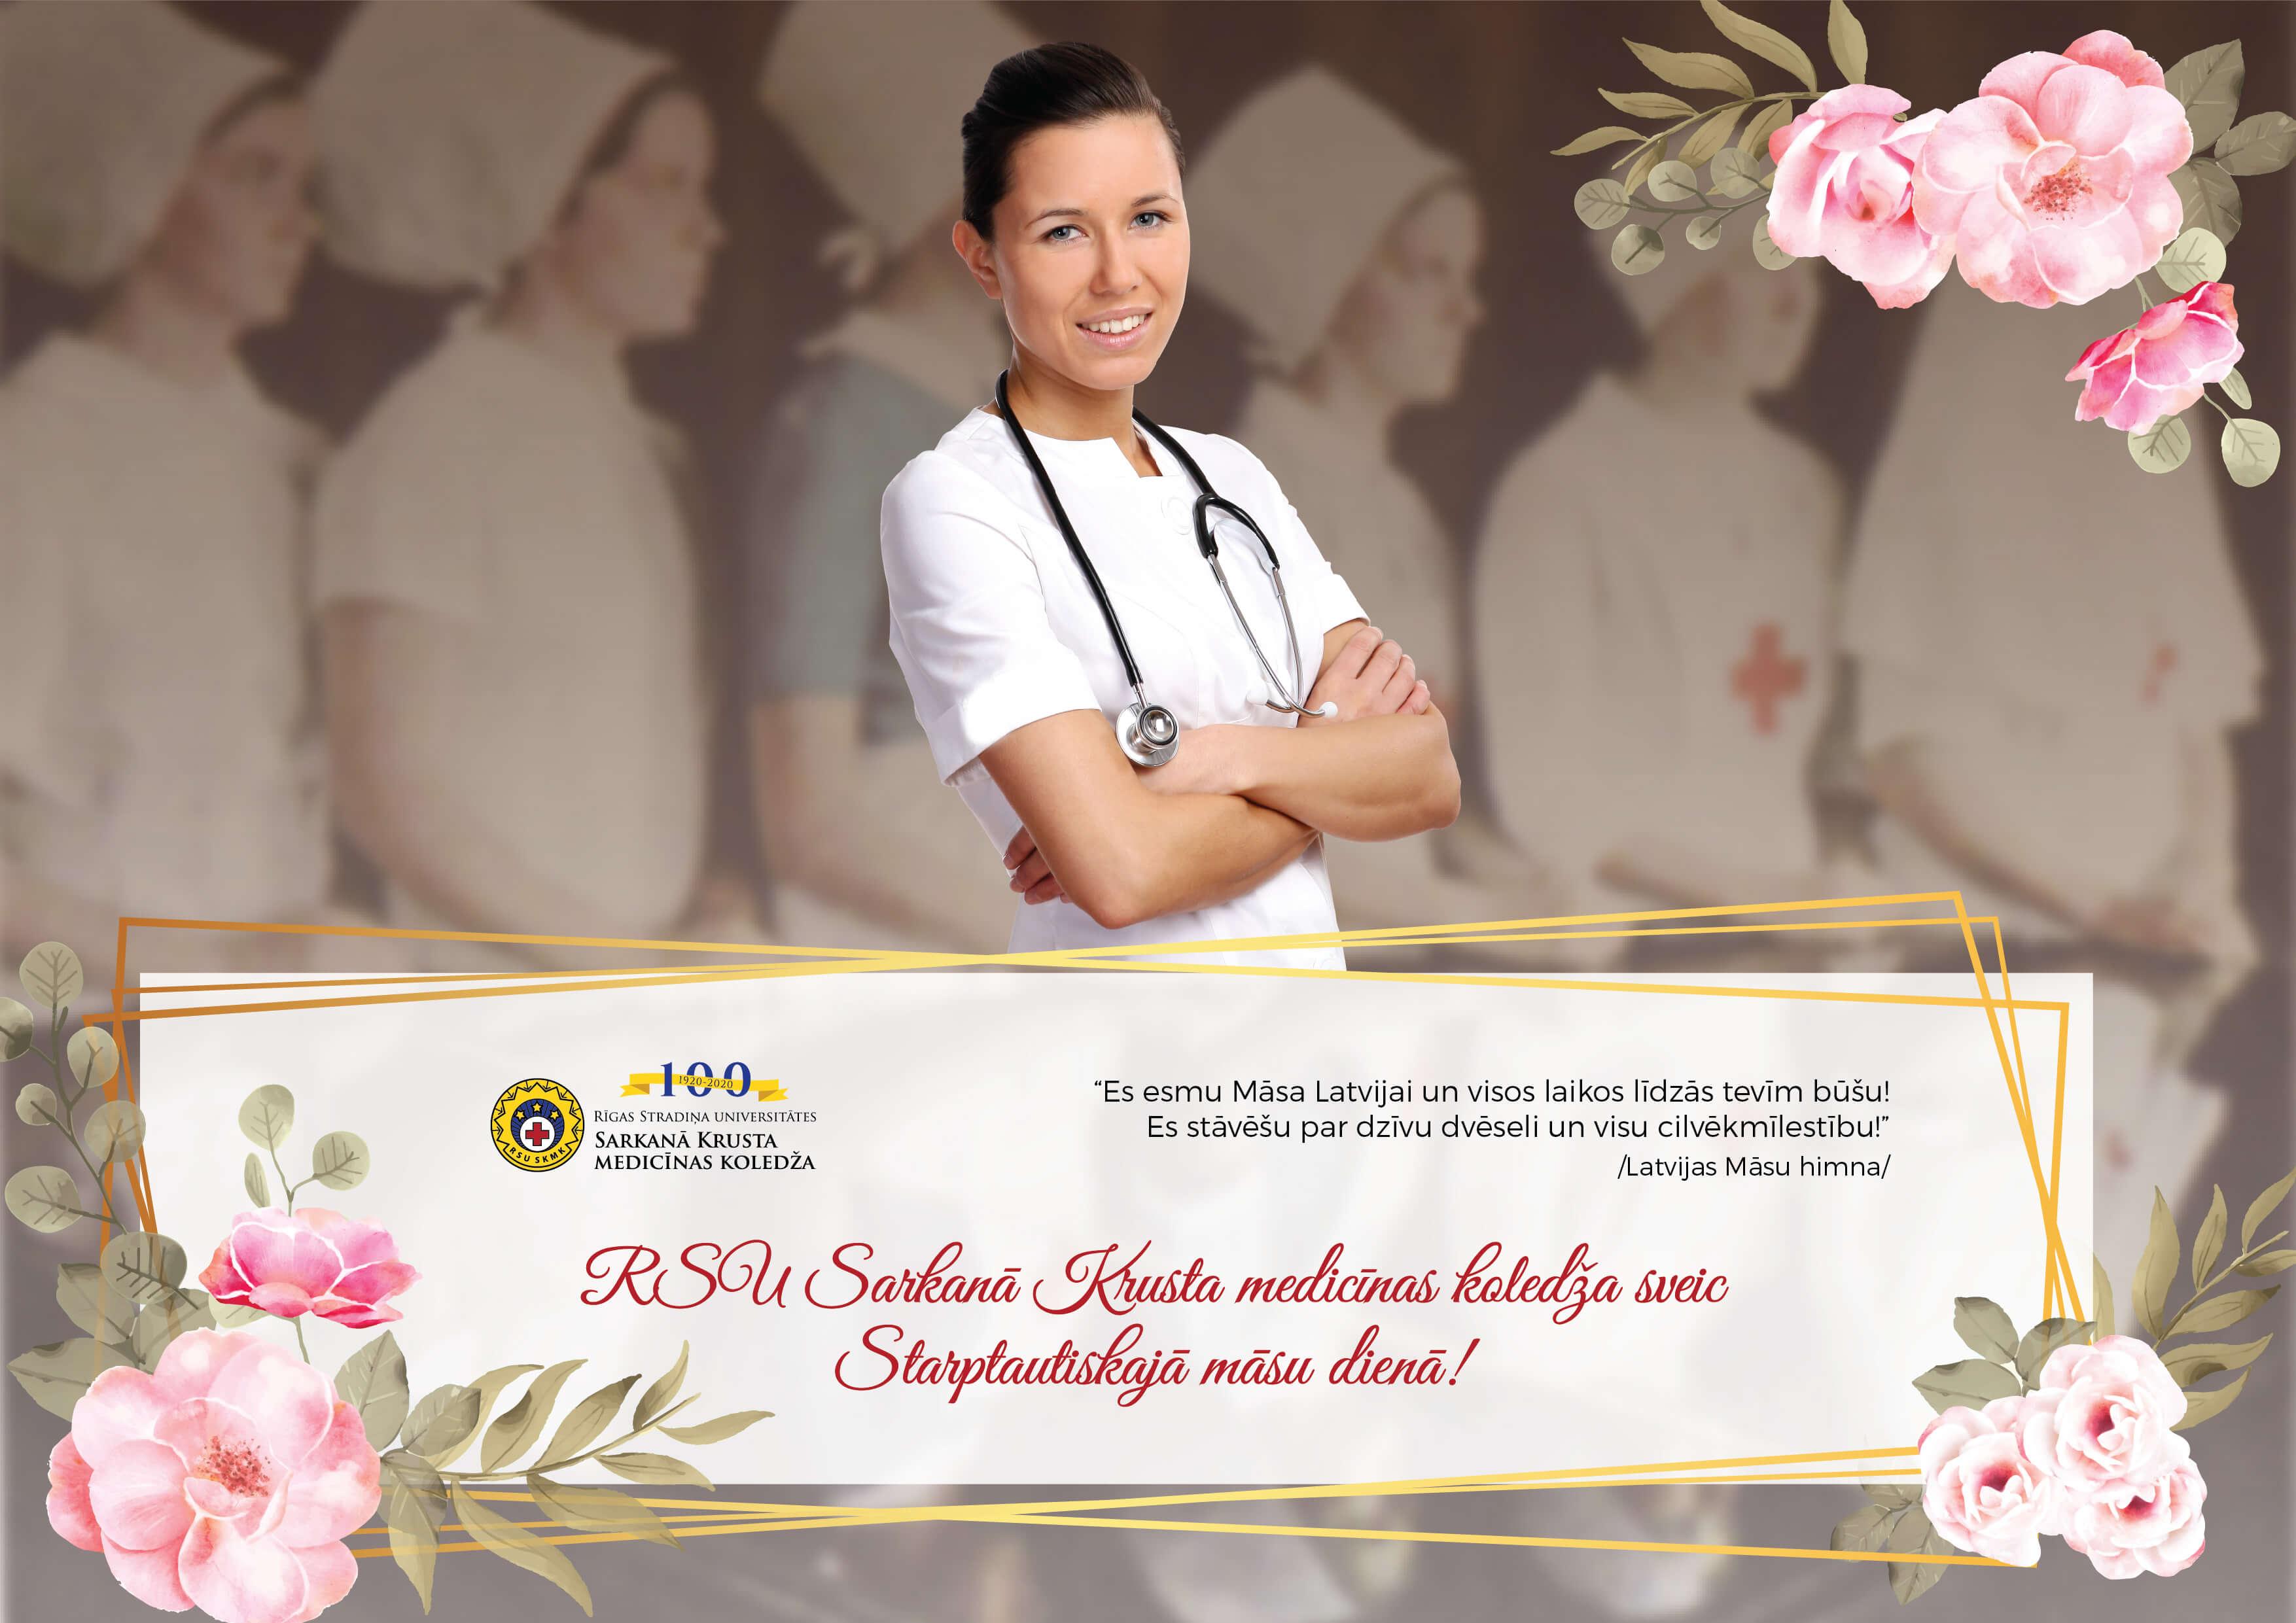 rcmc_RSU SKMK sveic Starptautiskajā māsu dienā (1)